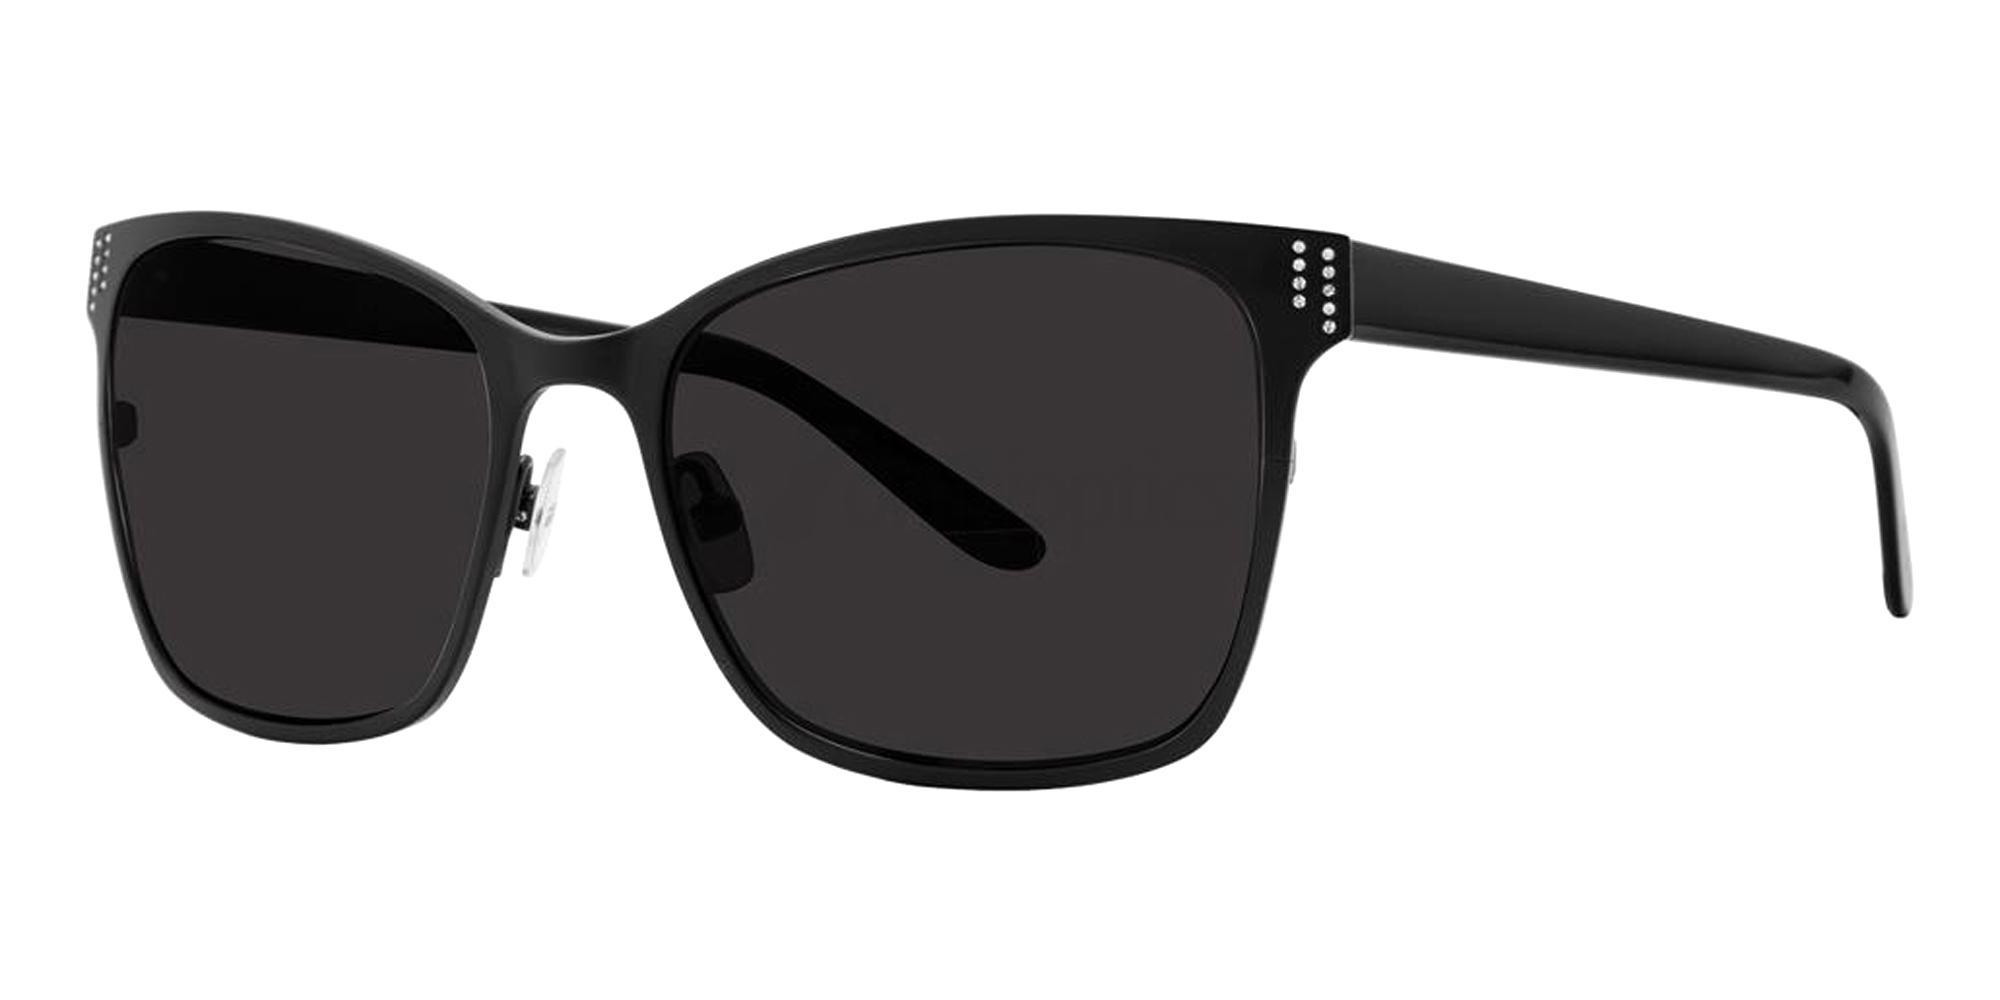 Black MIRAI Sunglasses, Vera Wang Luxe